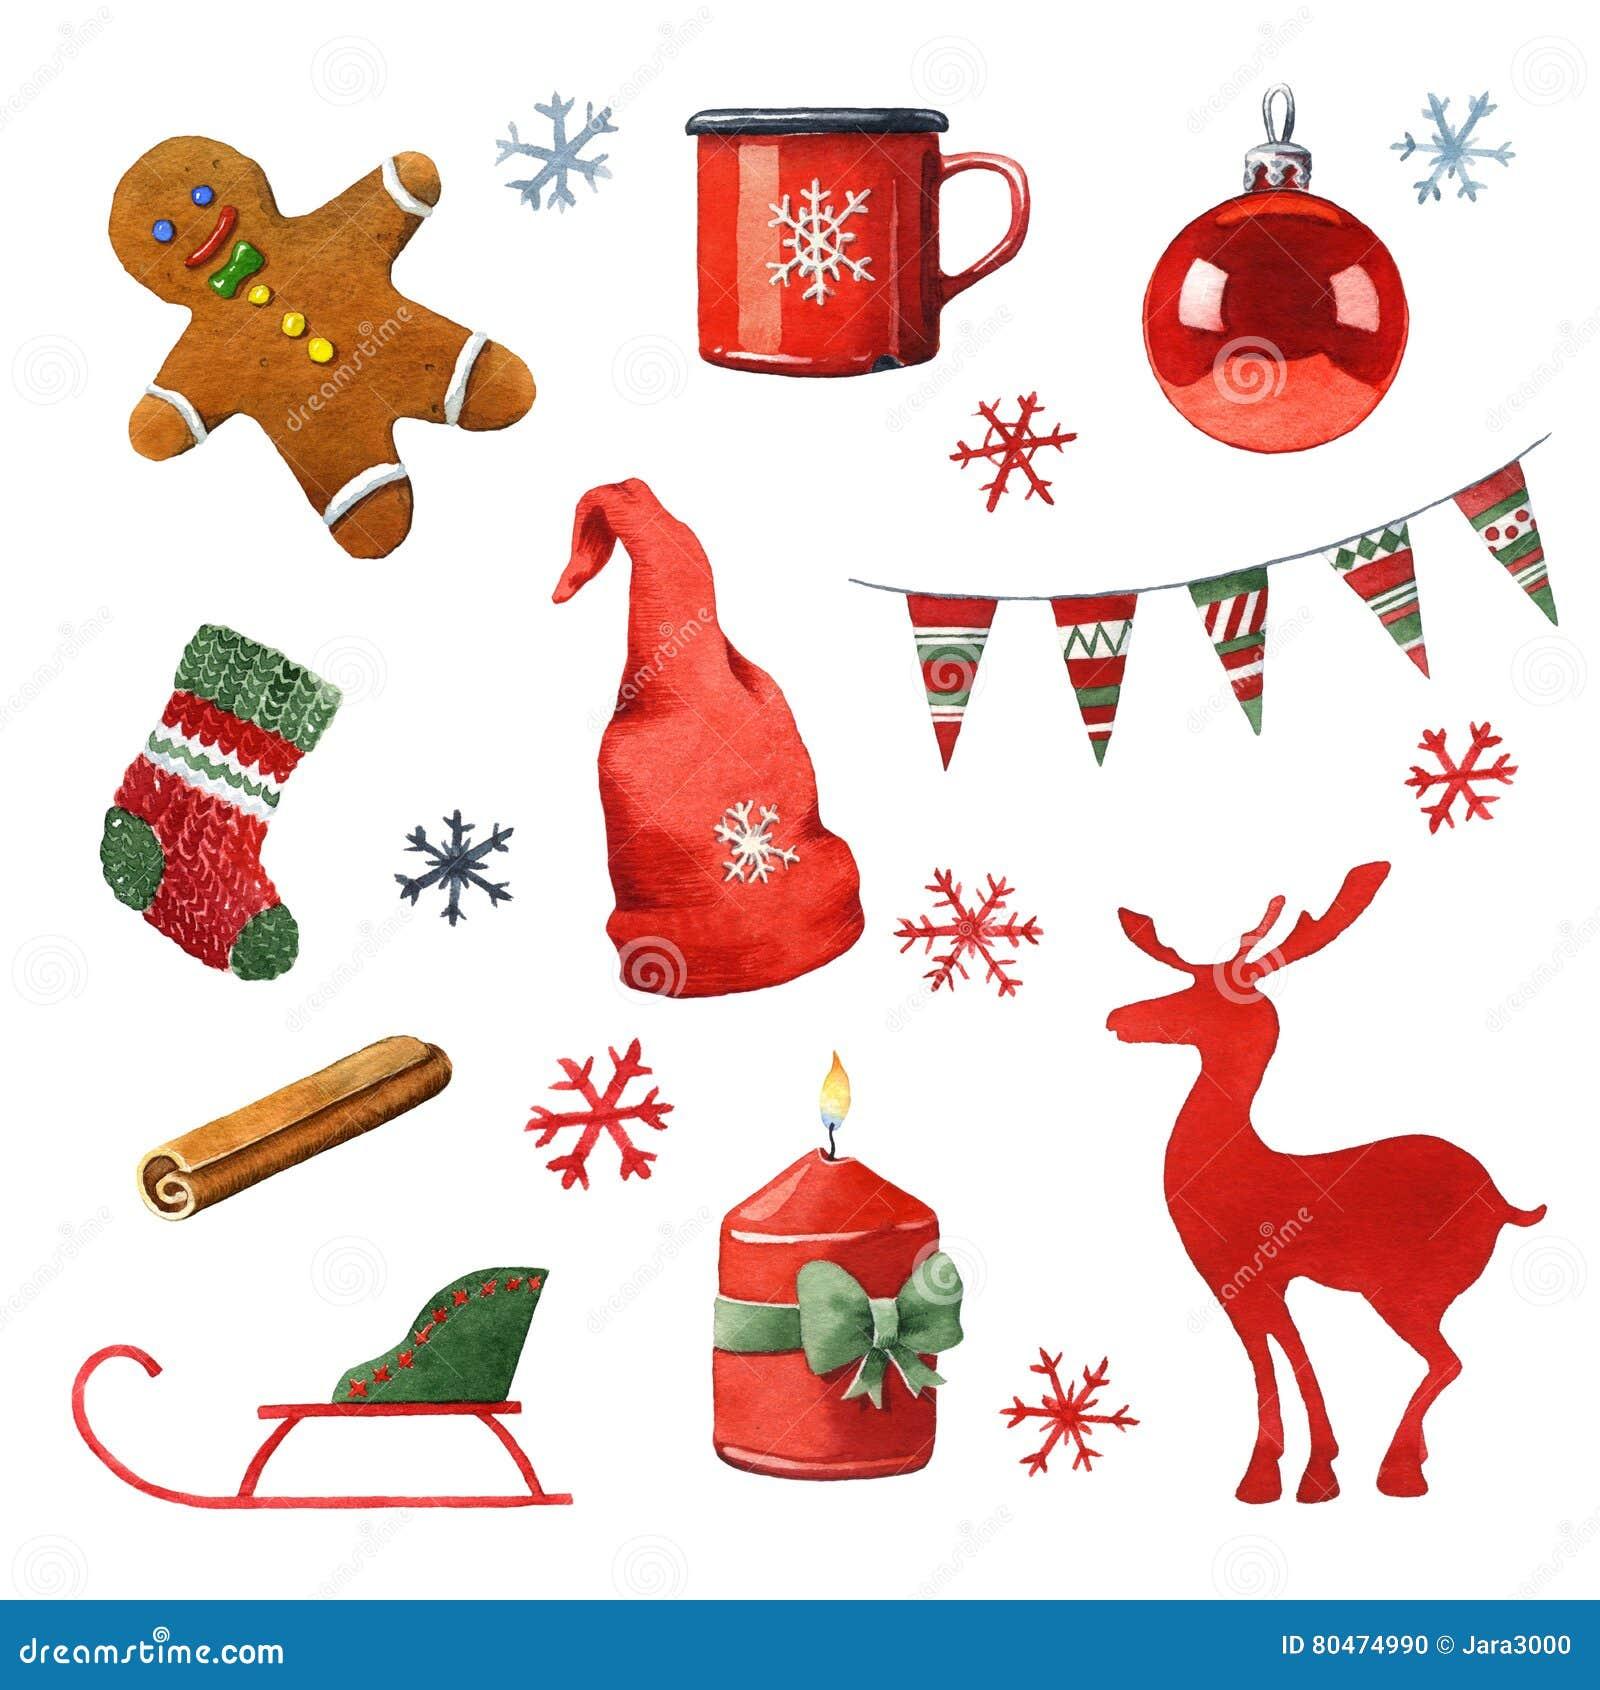 Weihnachten Clipart Bilder.Aquarell Weihnachten Clipart Stock Abbildung Illustration Von